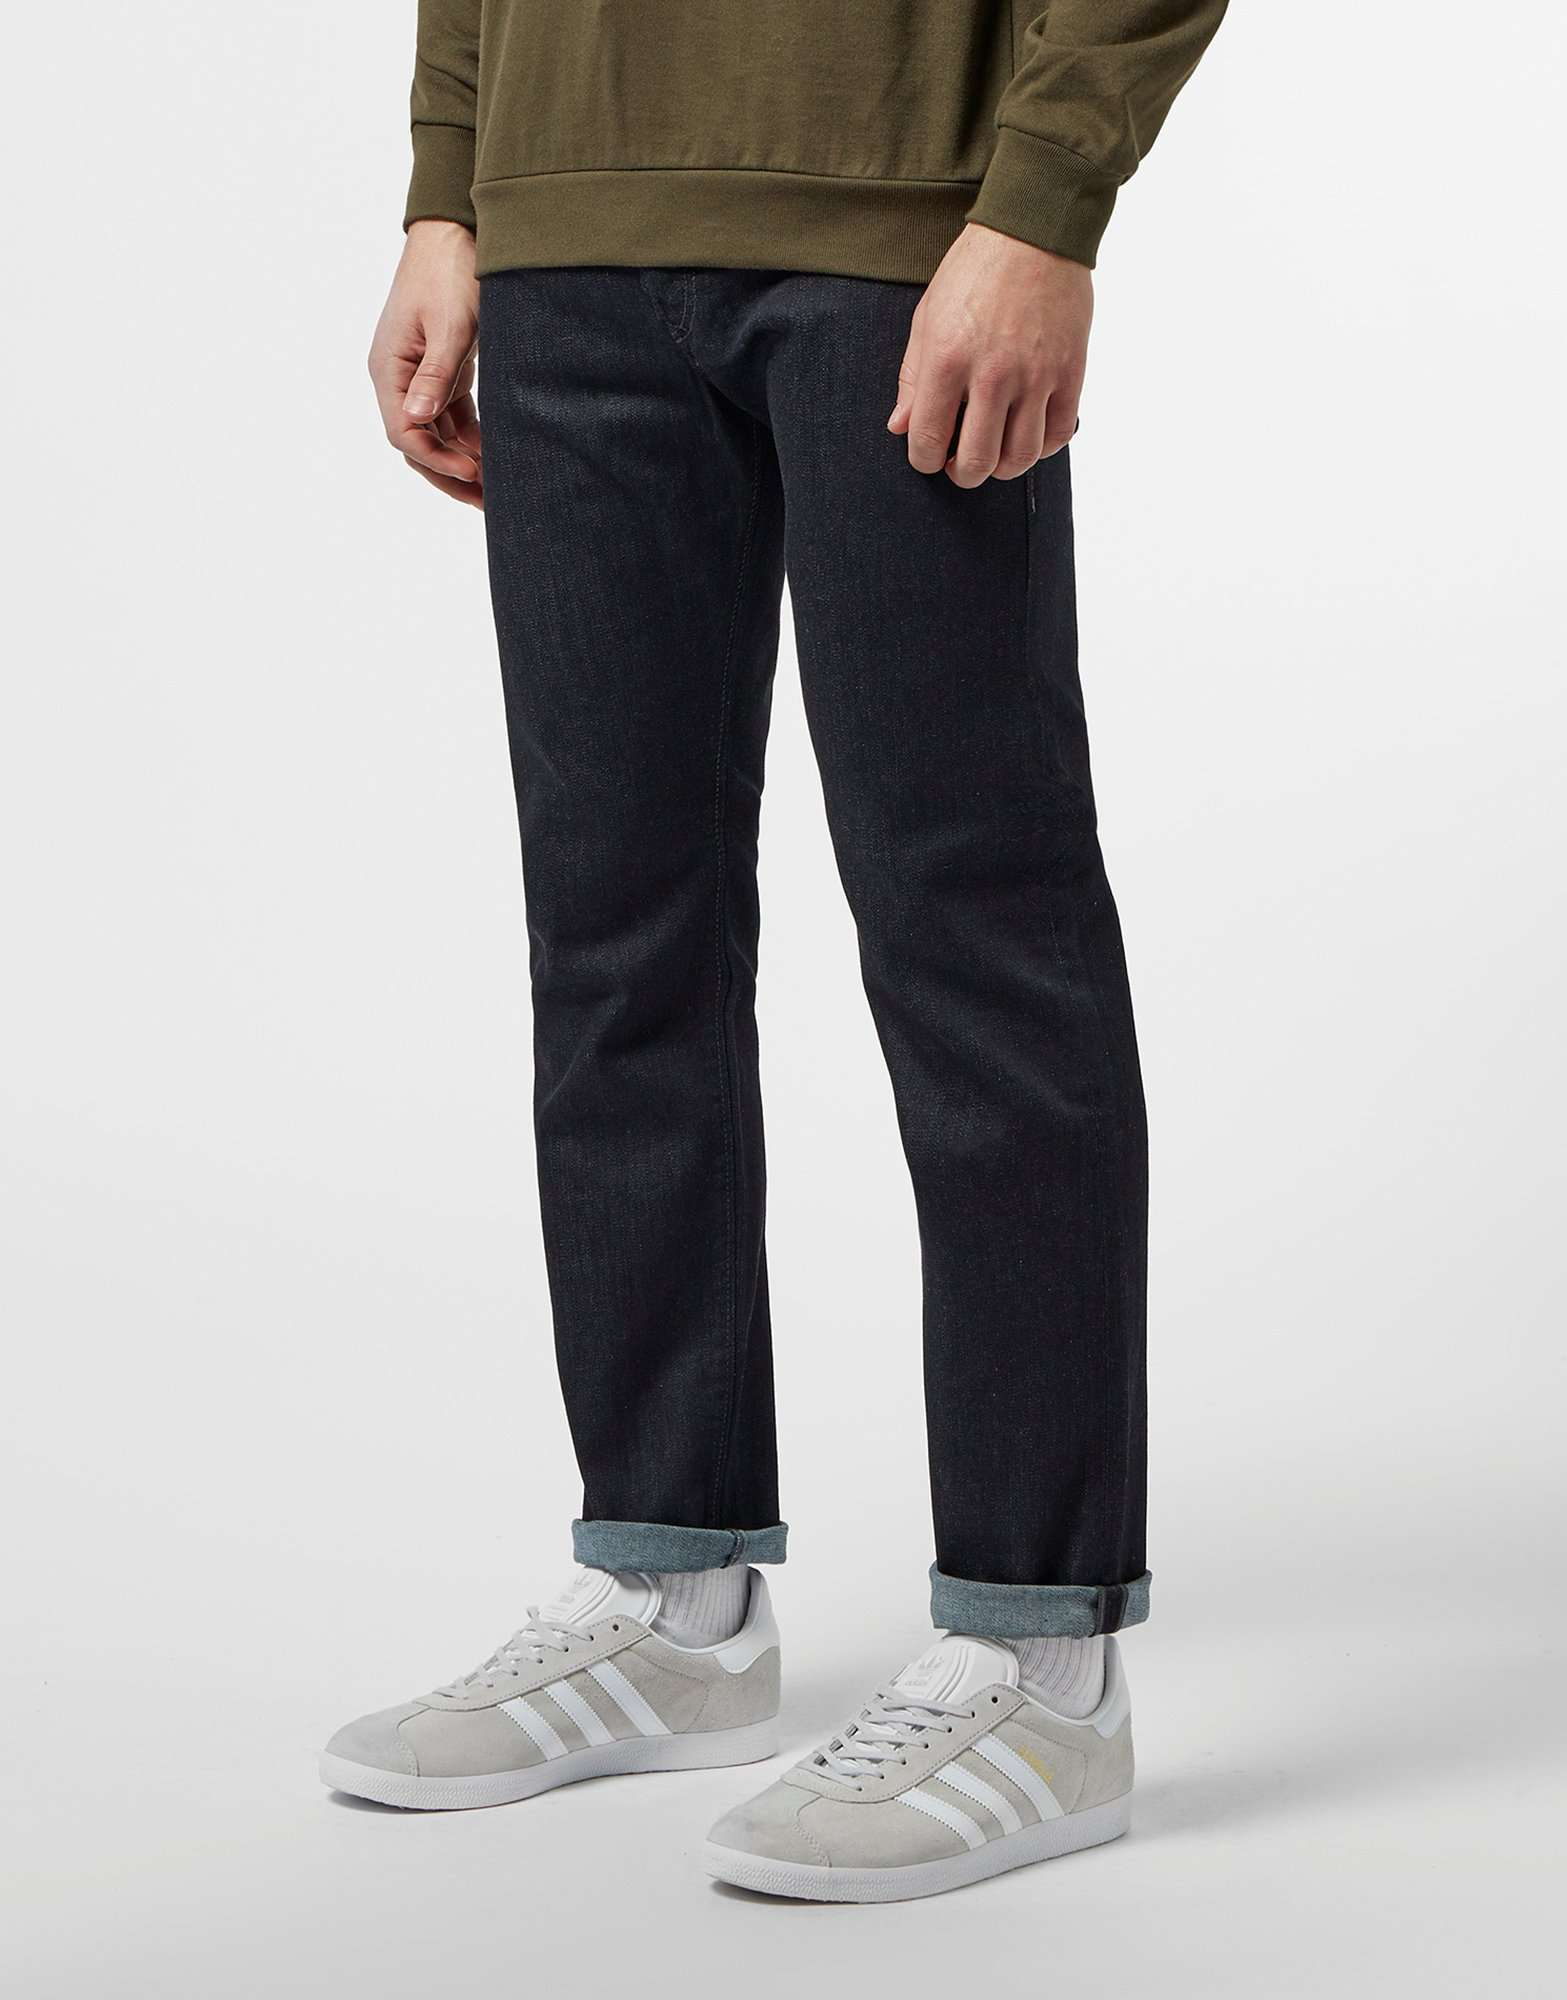 Diesel Buster Slim Jeans - Online Exclusive